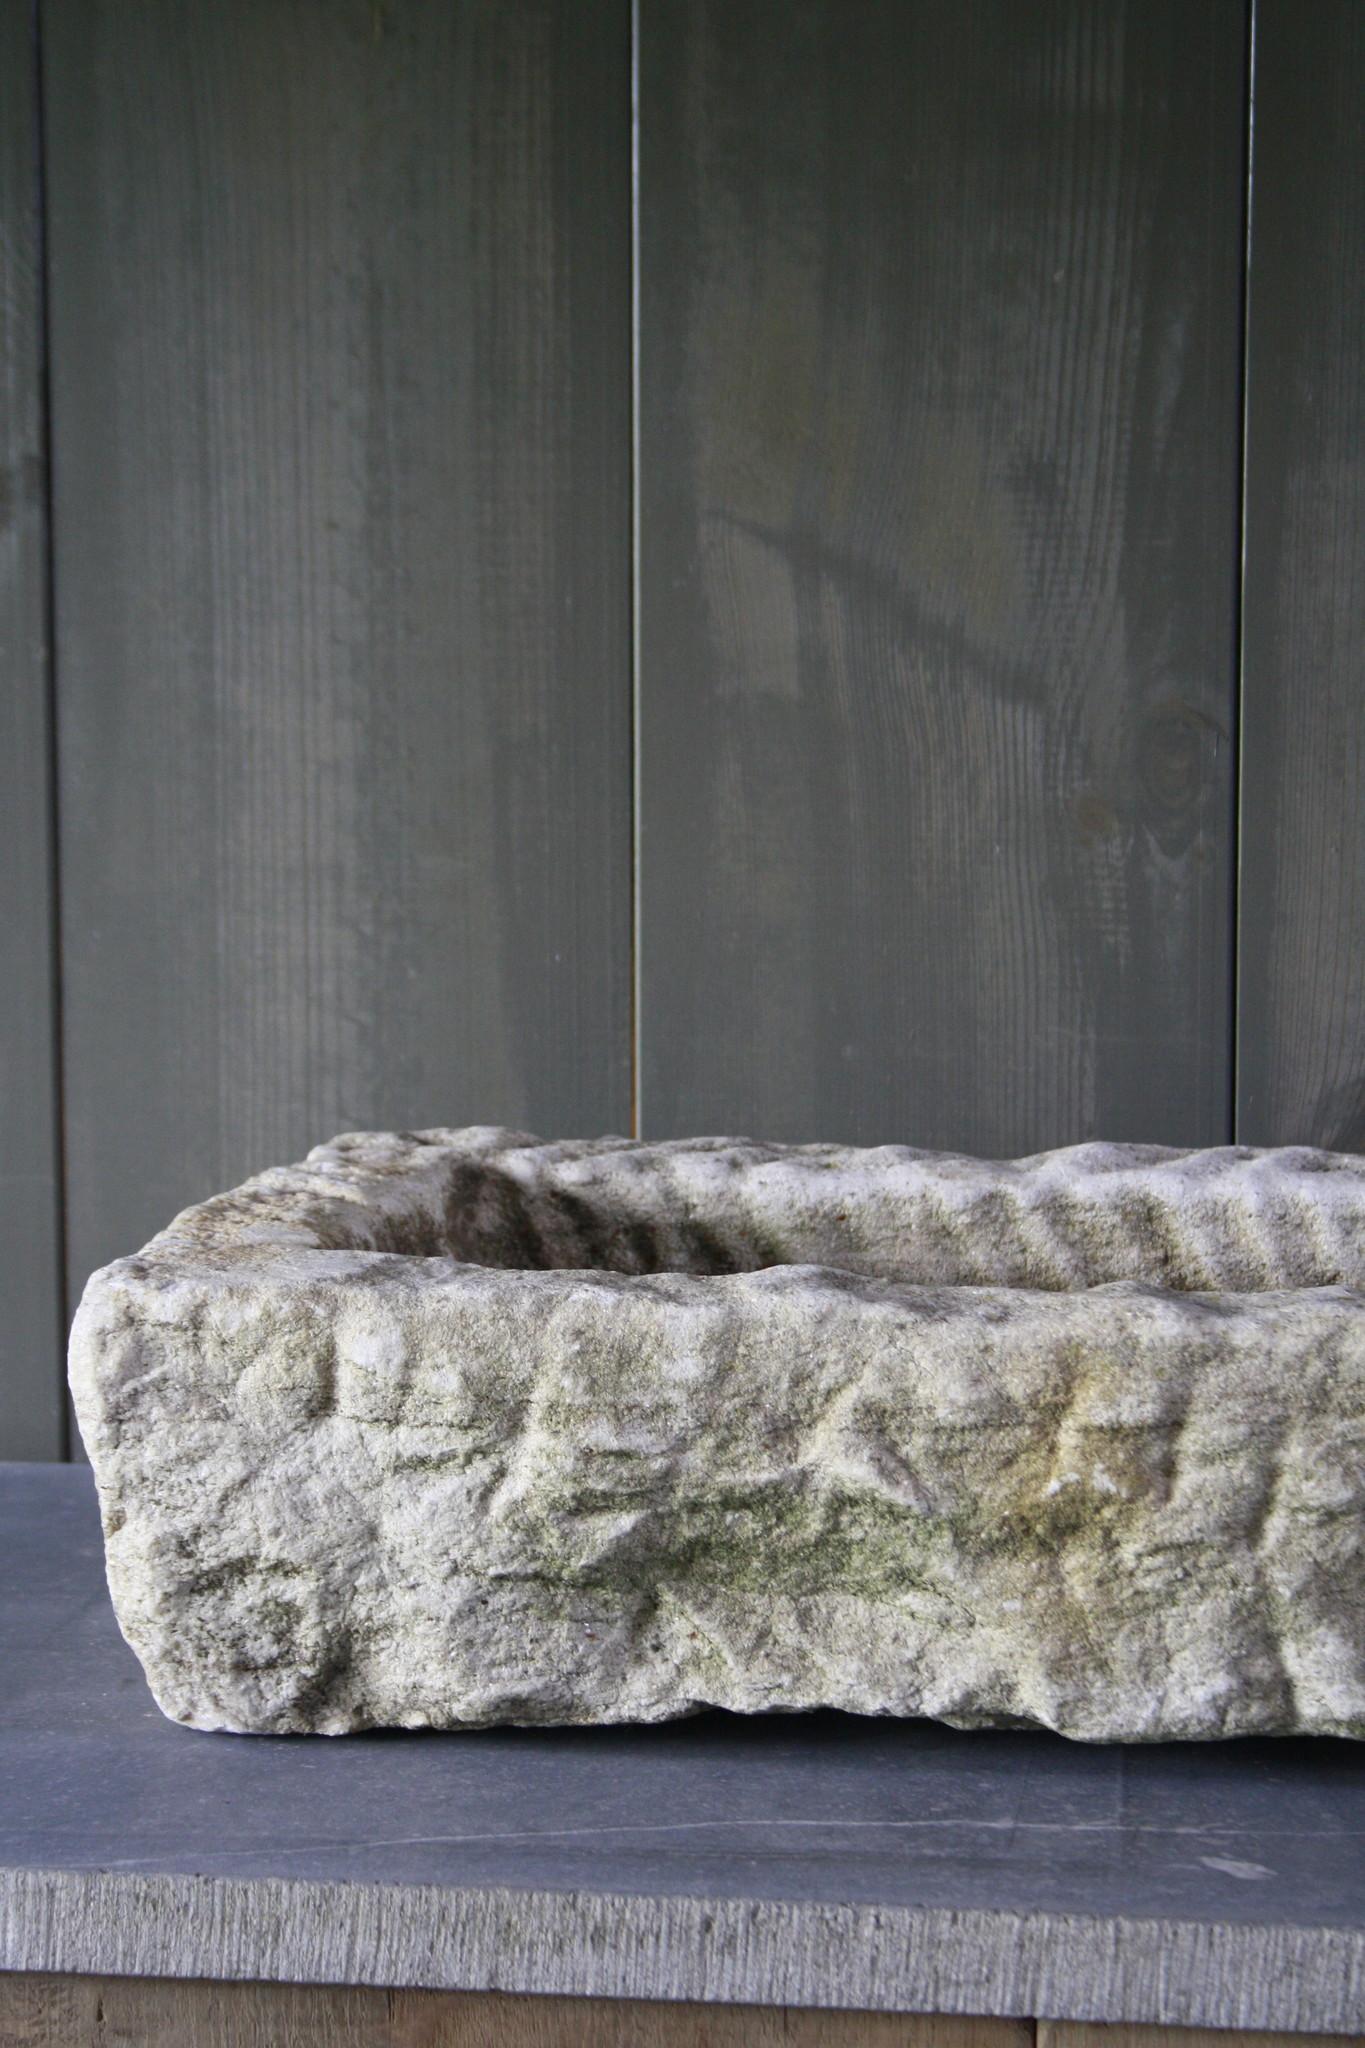 Nature oud wit stenen wasbak 60 cm x 30 cm-3